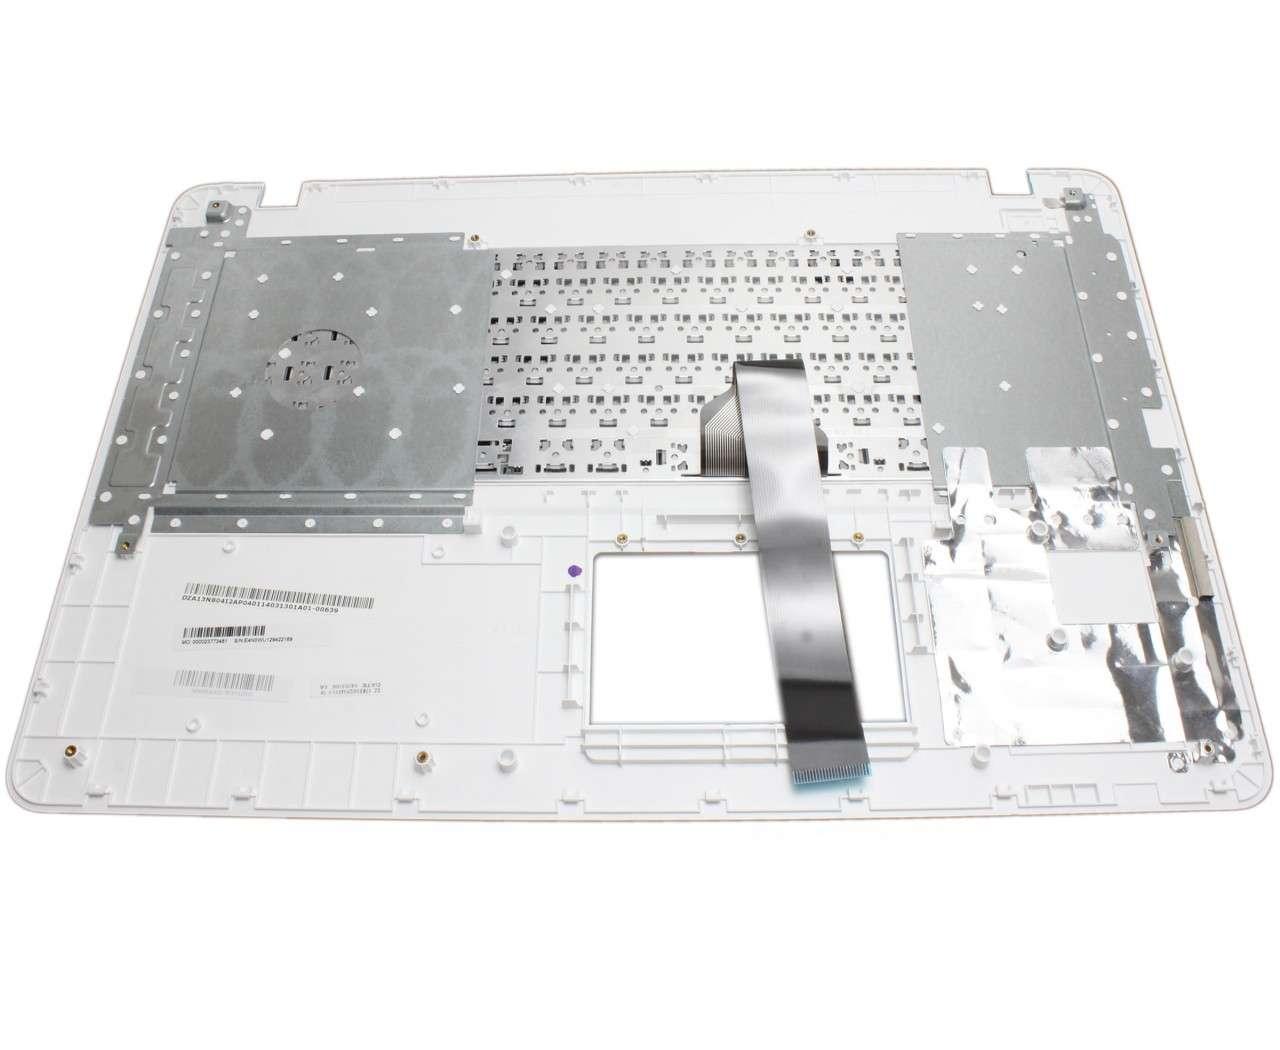 Tastatura Asus 9J.N2J82.L01 neagra cu Palmrest alb imagine